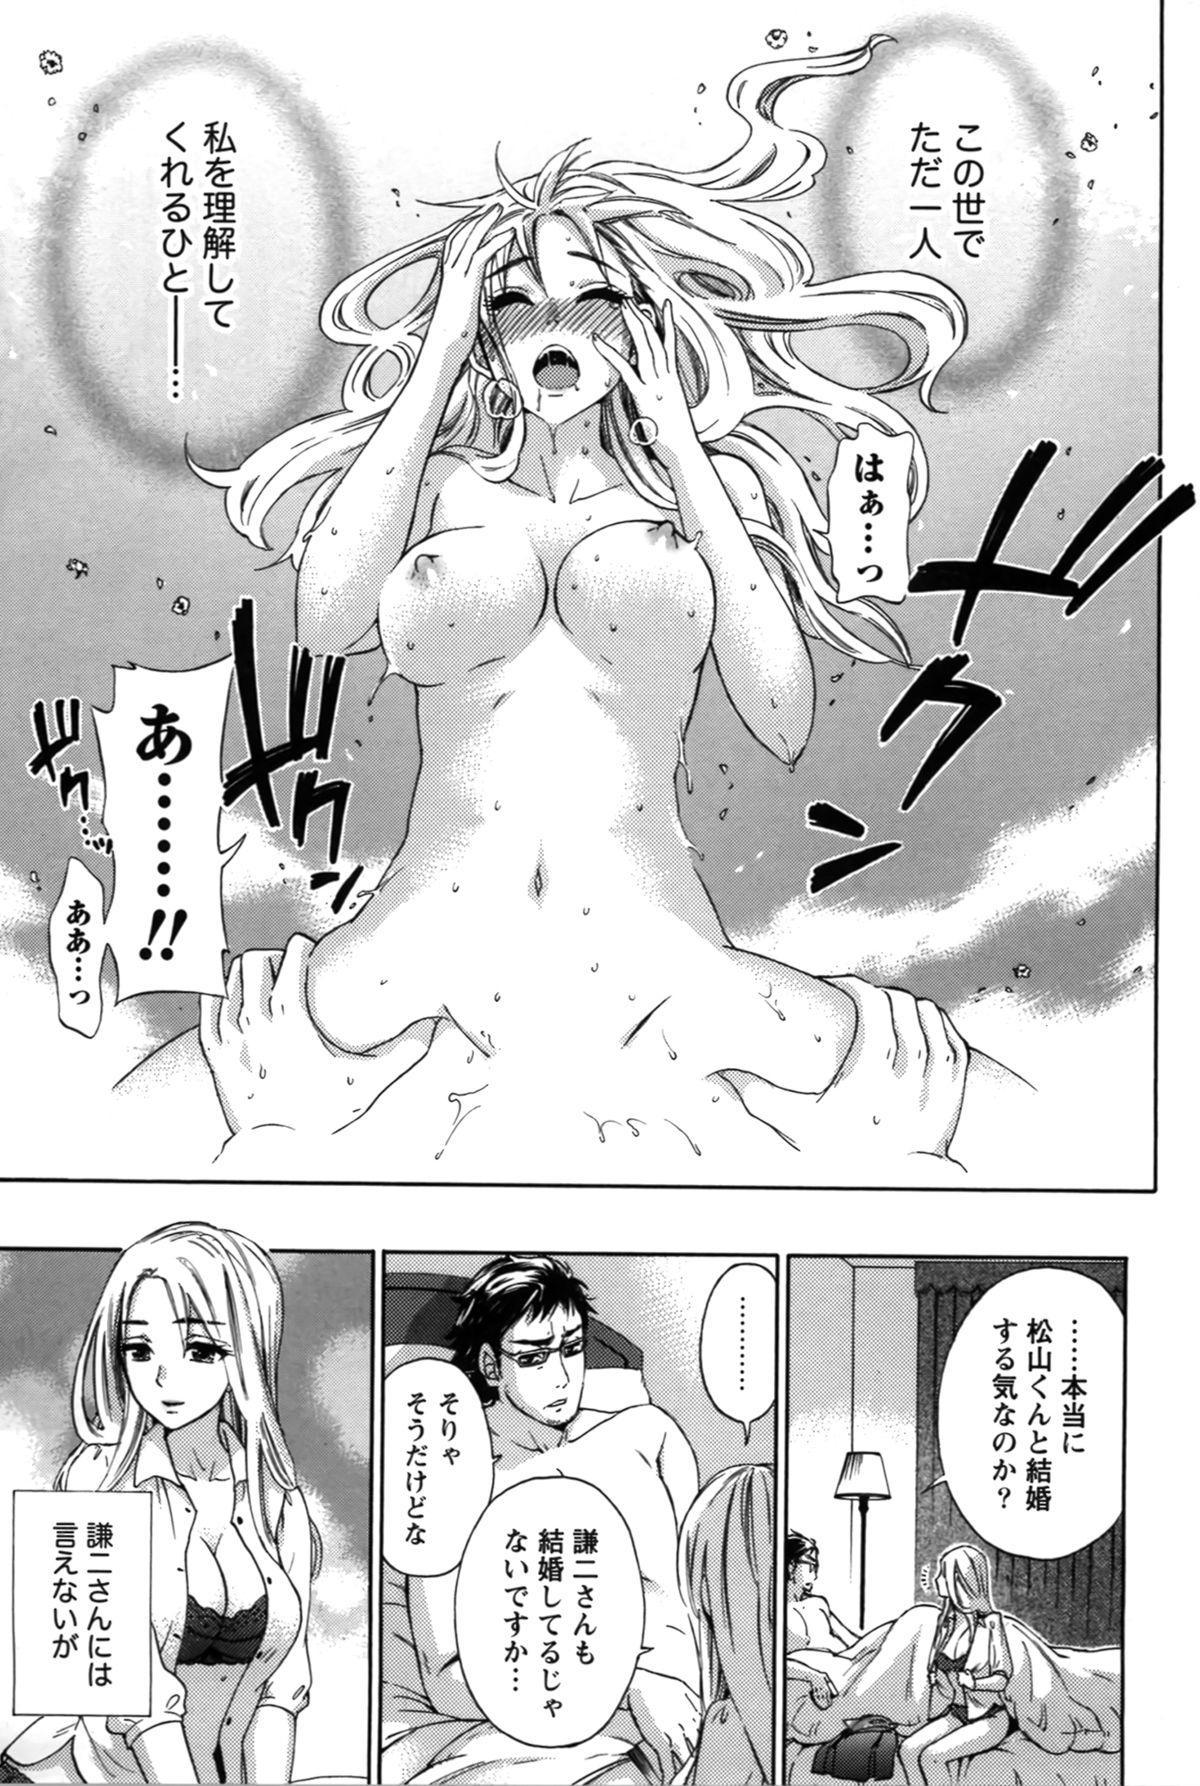 Anata to Watashi wa Warukunai 38